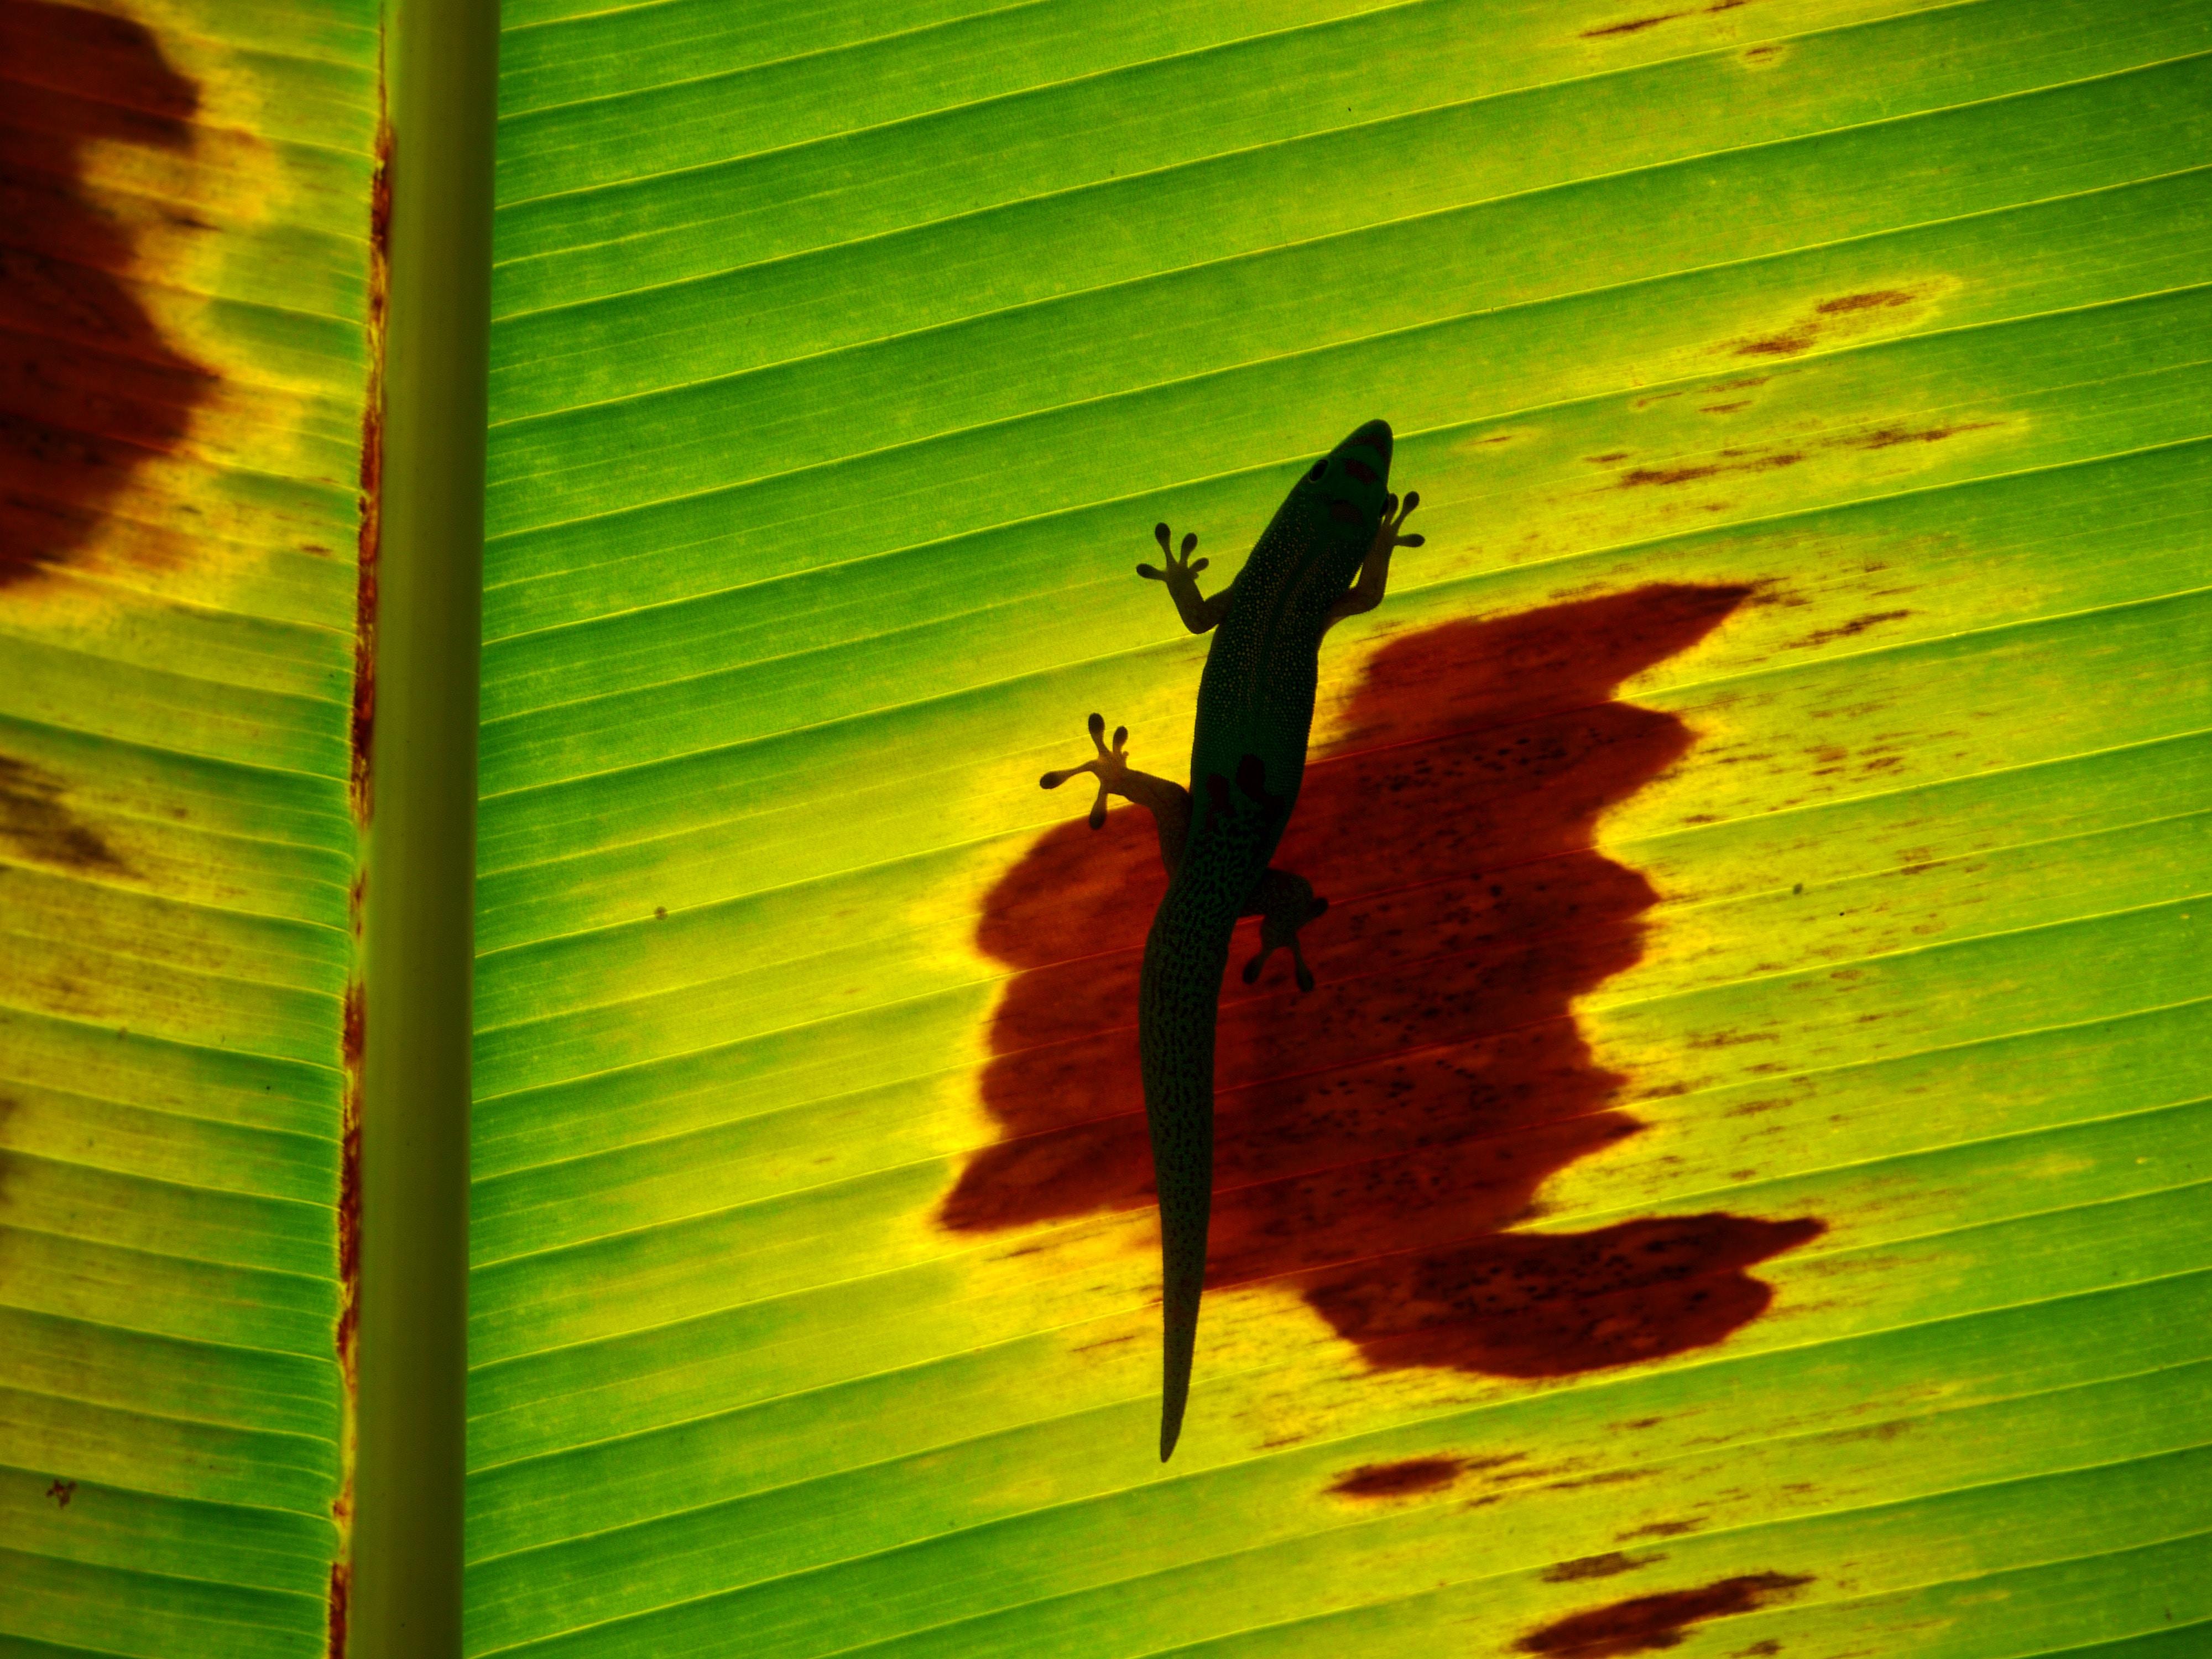 black lizard on banana leaf